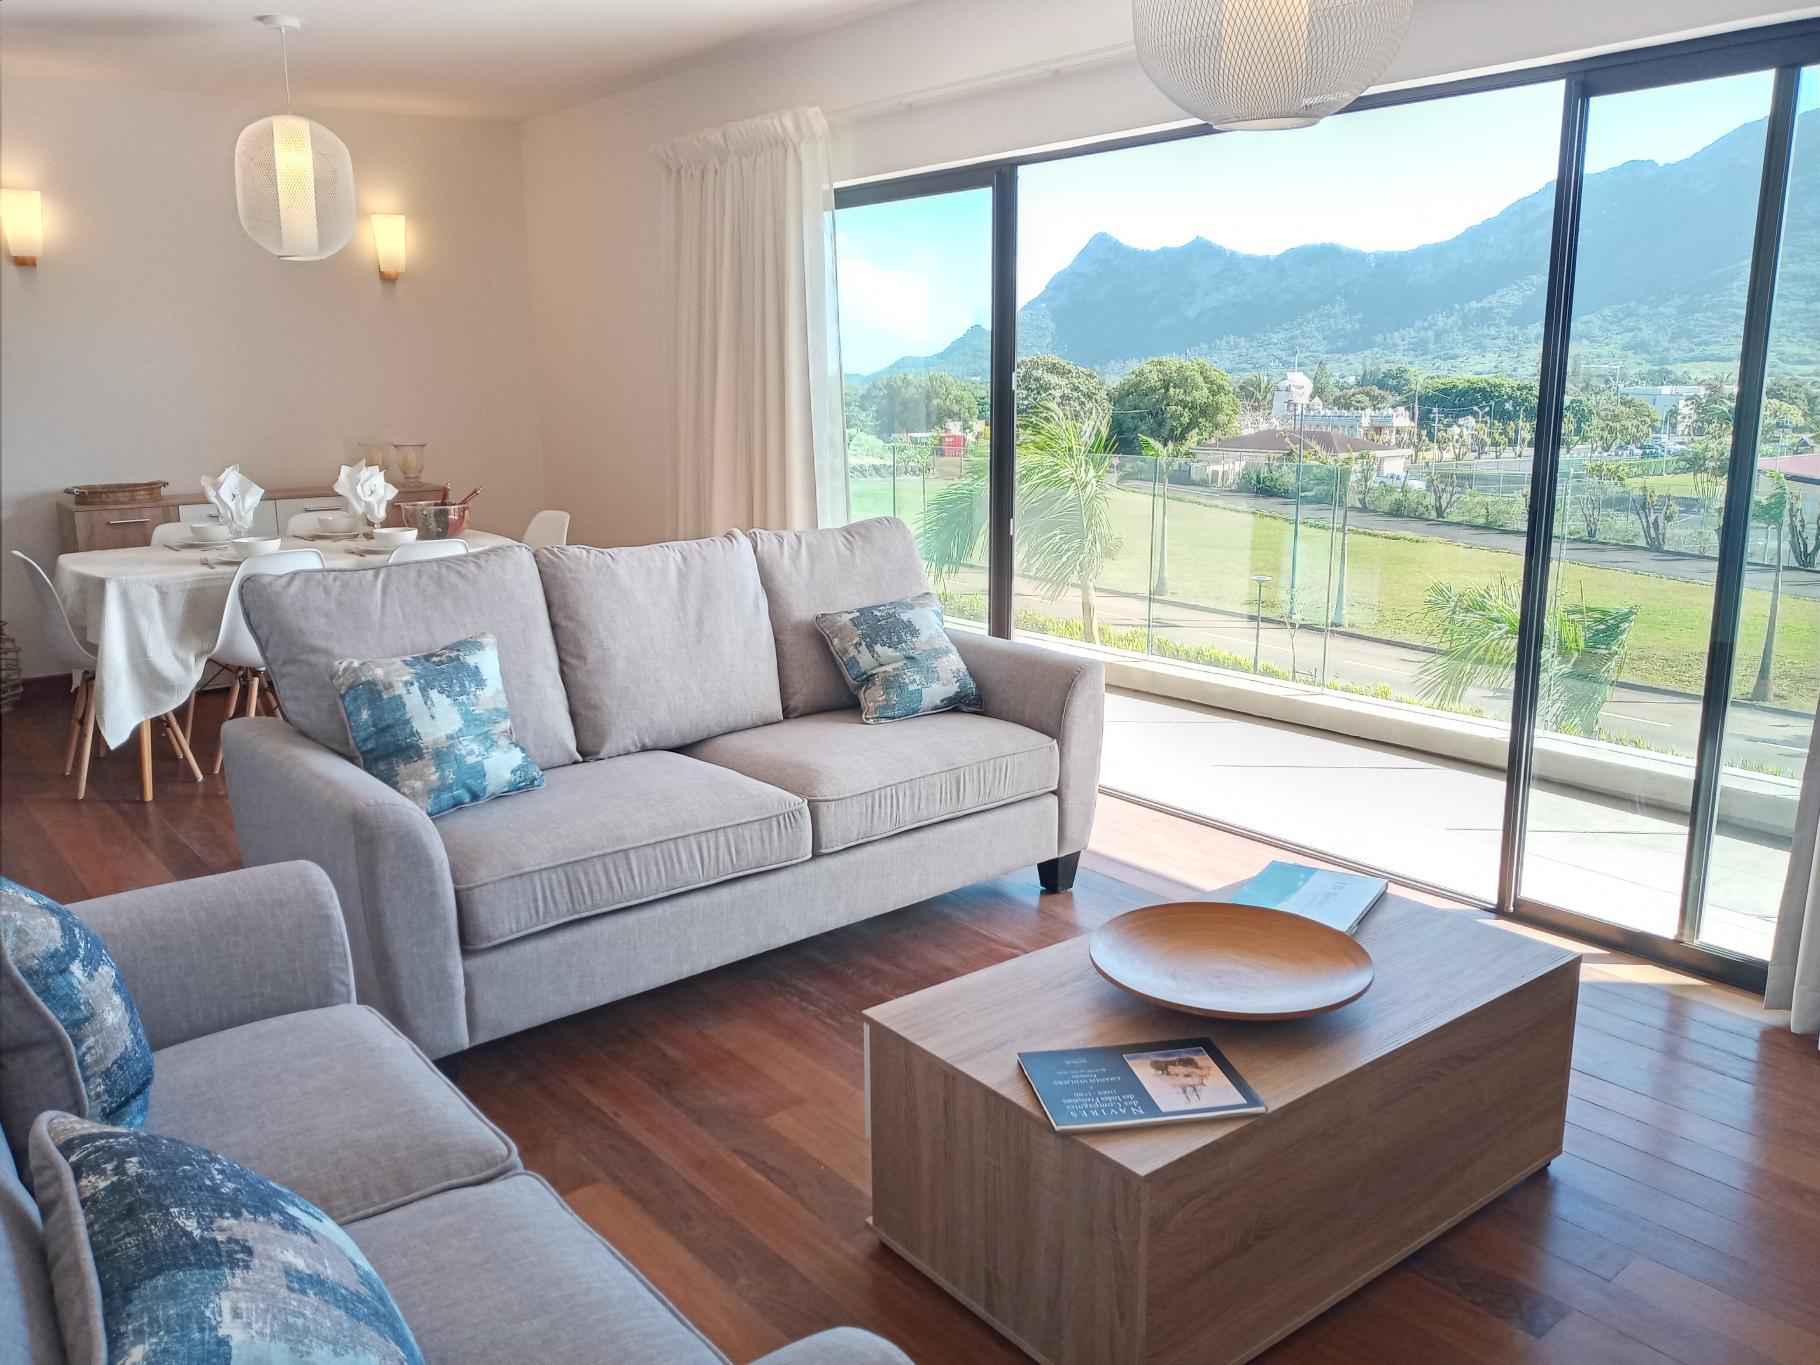 A LOUER – Charmantappartementcontemporain meubléet équipé de147 m2bénéficiant d'une belle vue montagne idéalementsitué aux Promenadesd'Helvétia Moka